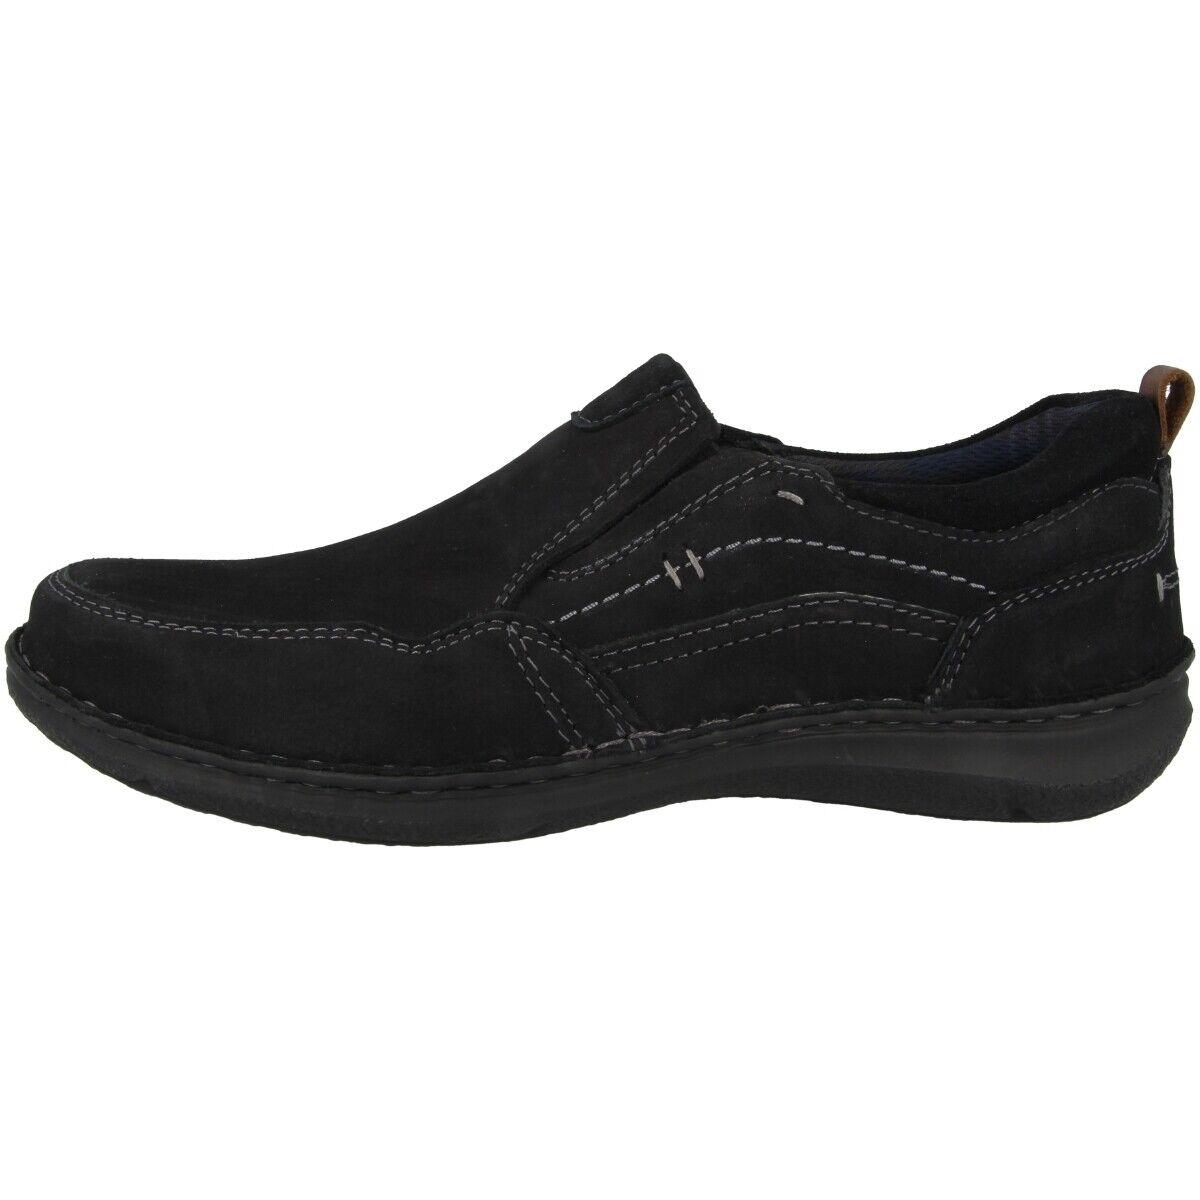 Josef Seibel Anvers 48 Schuhe Herren Halbschuhe Comfort Slipper 43648-TE21-101